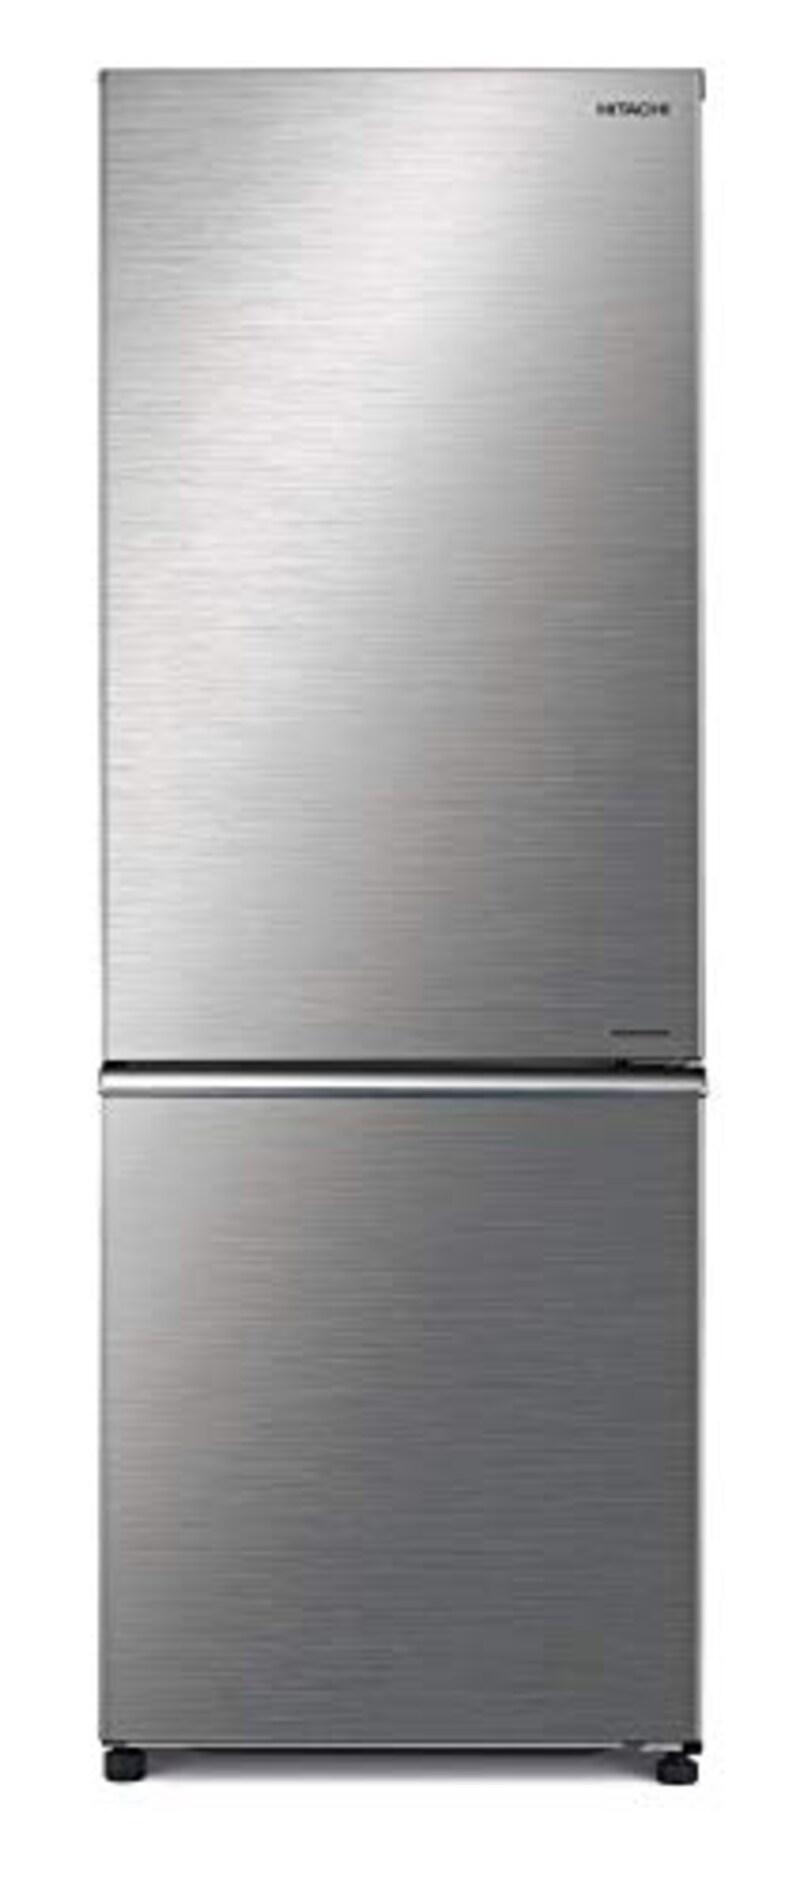 HITACHI(日立),2ドア冷蔵庫 ブリリアントシルバー,R-BF28NA S